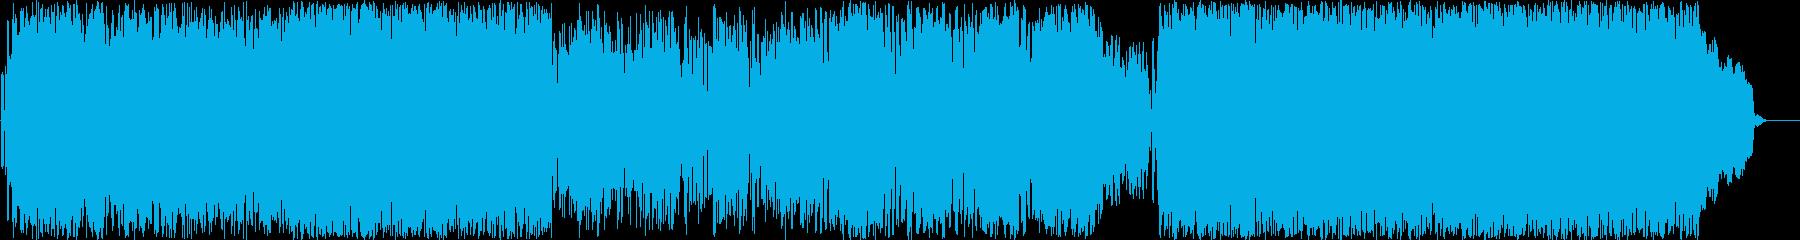 【変拍子】メルヘン、大団円、クリスマスの再生済みの波形